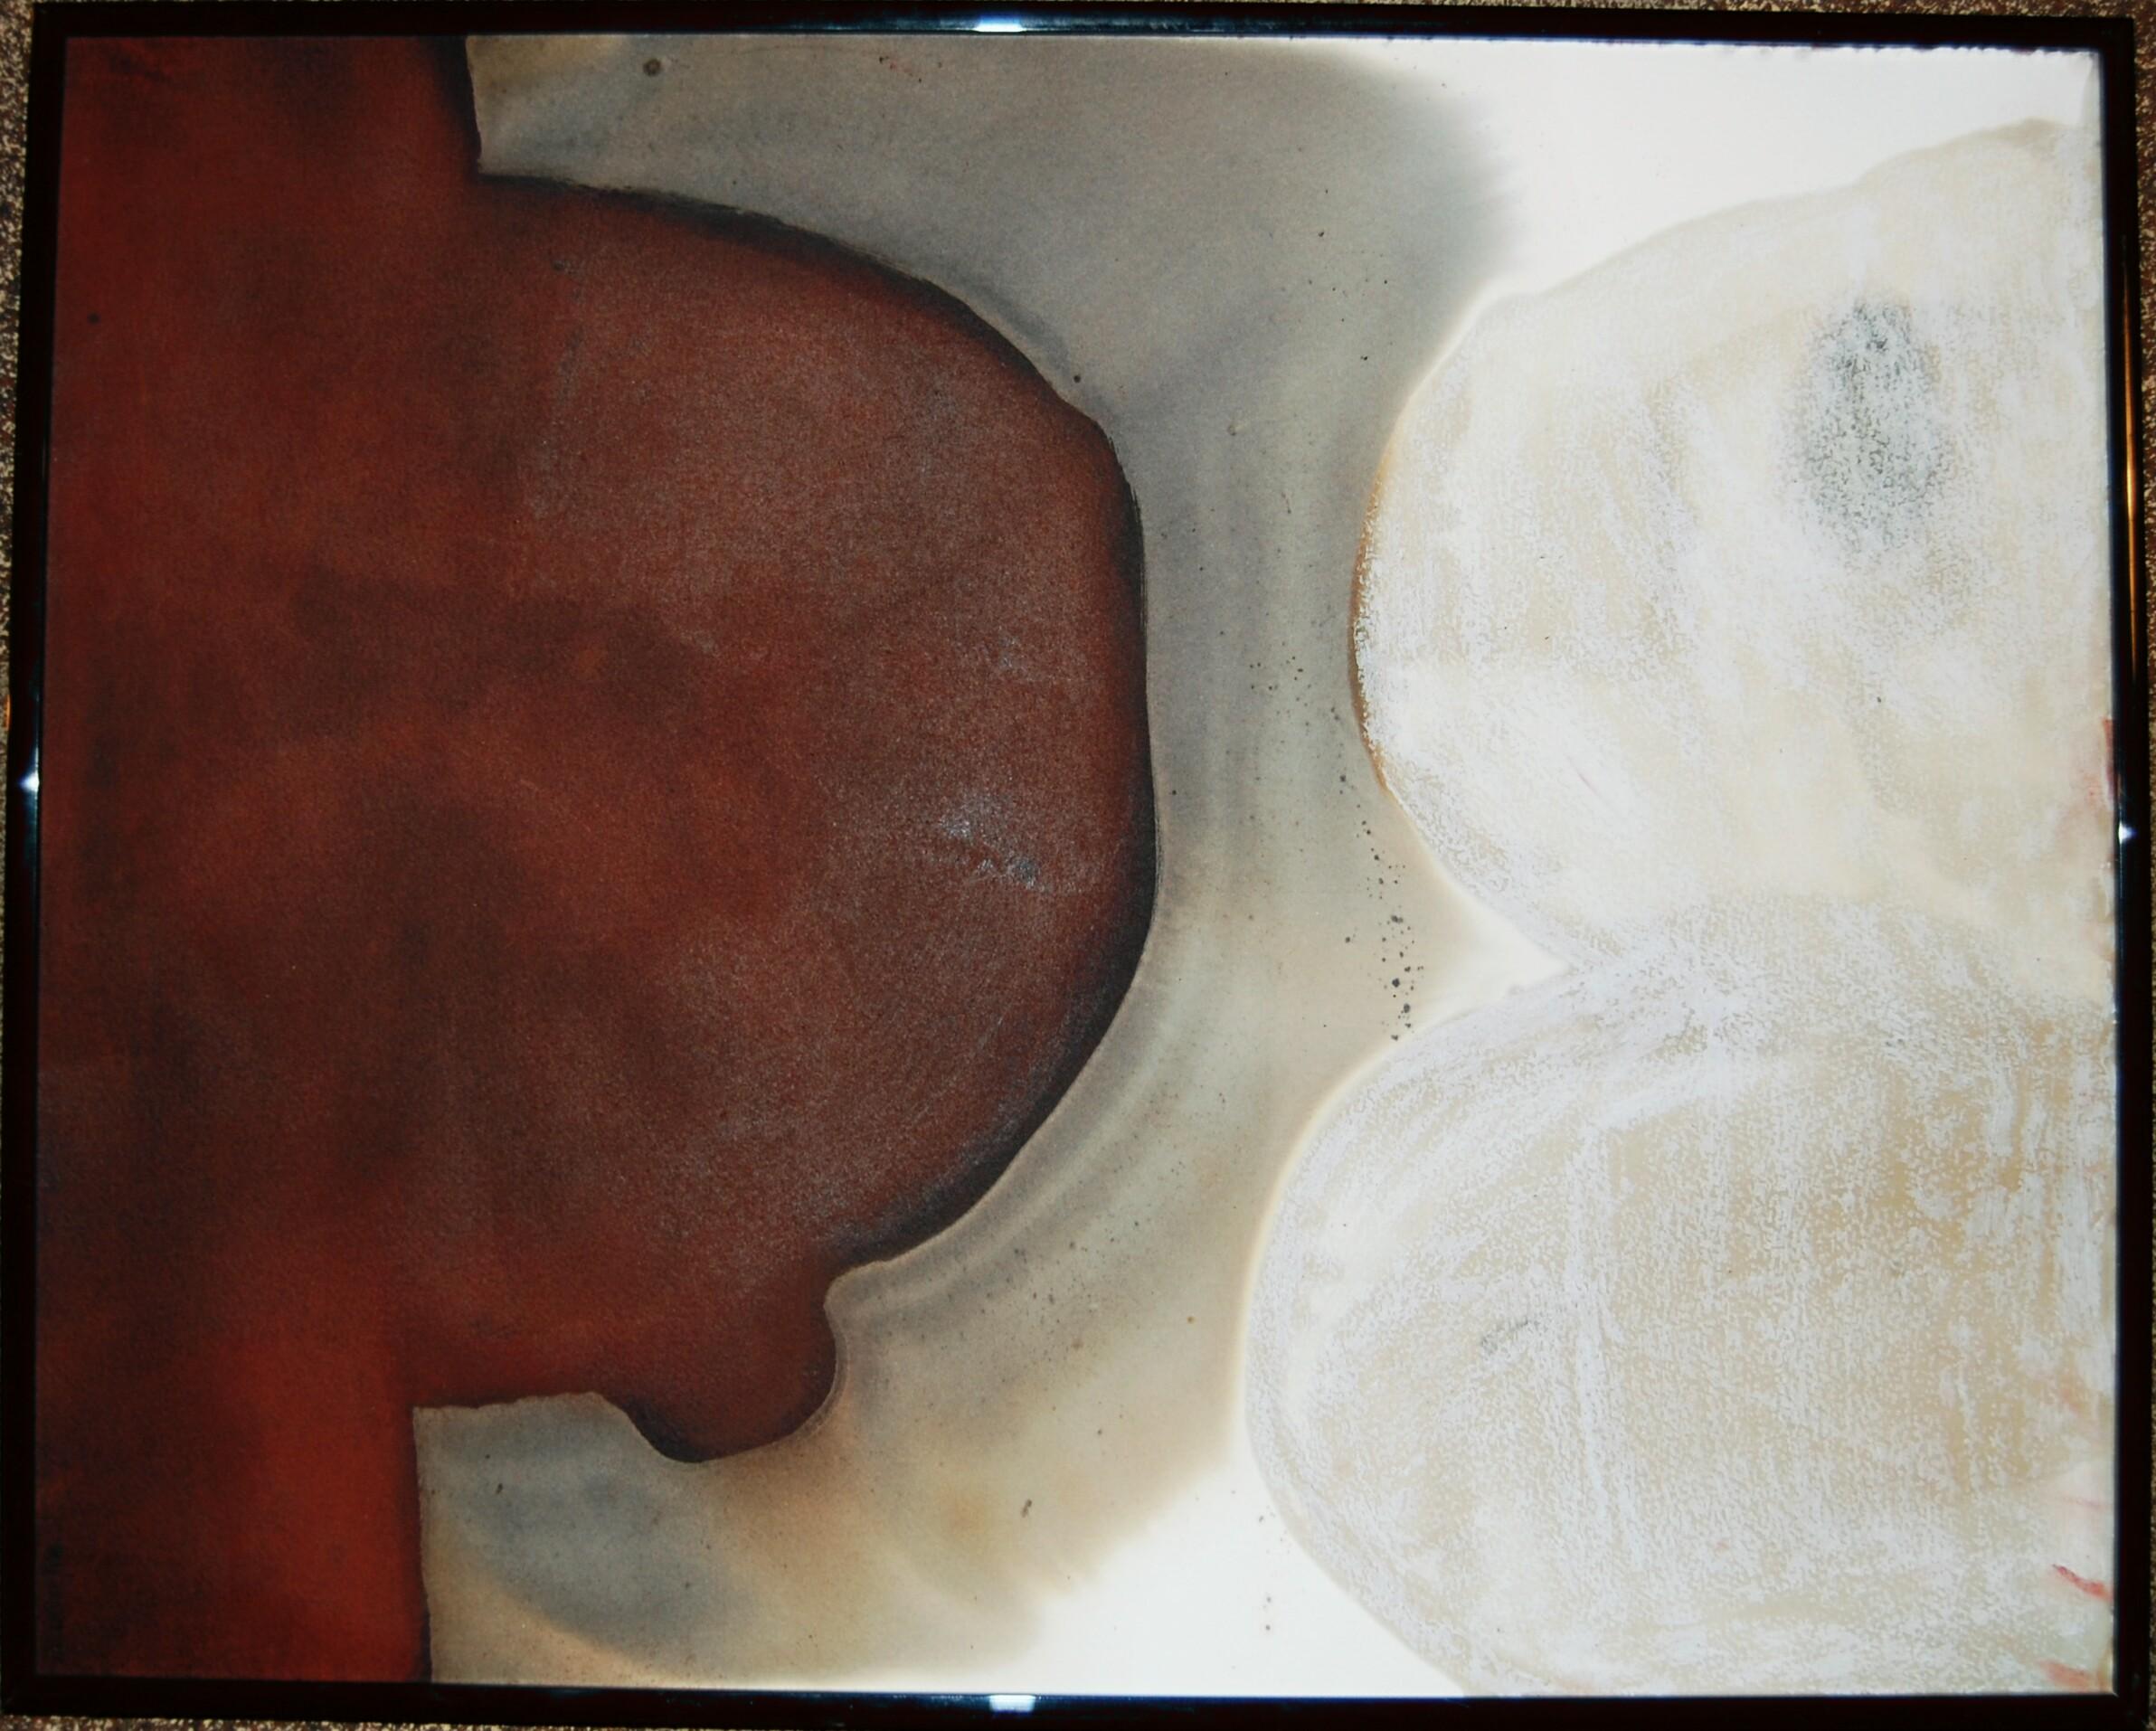 Cire huile et pigments 50x30 2014